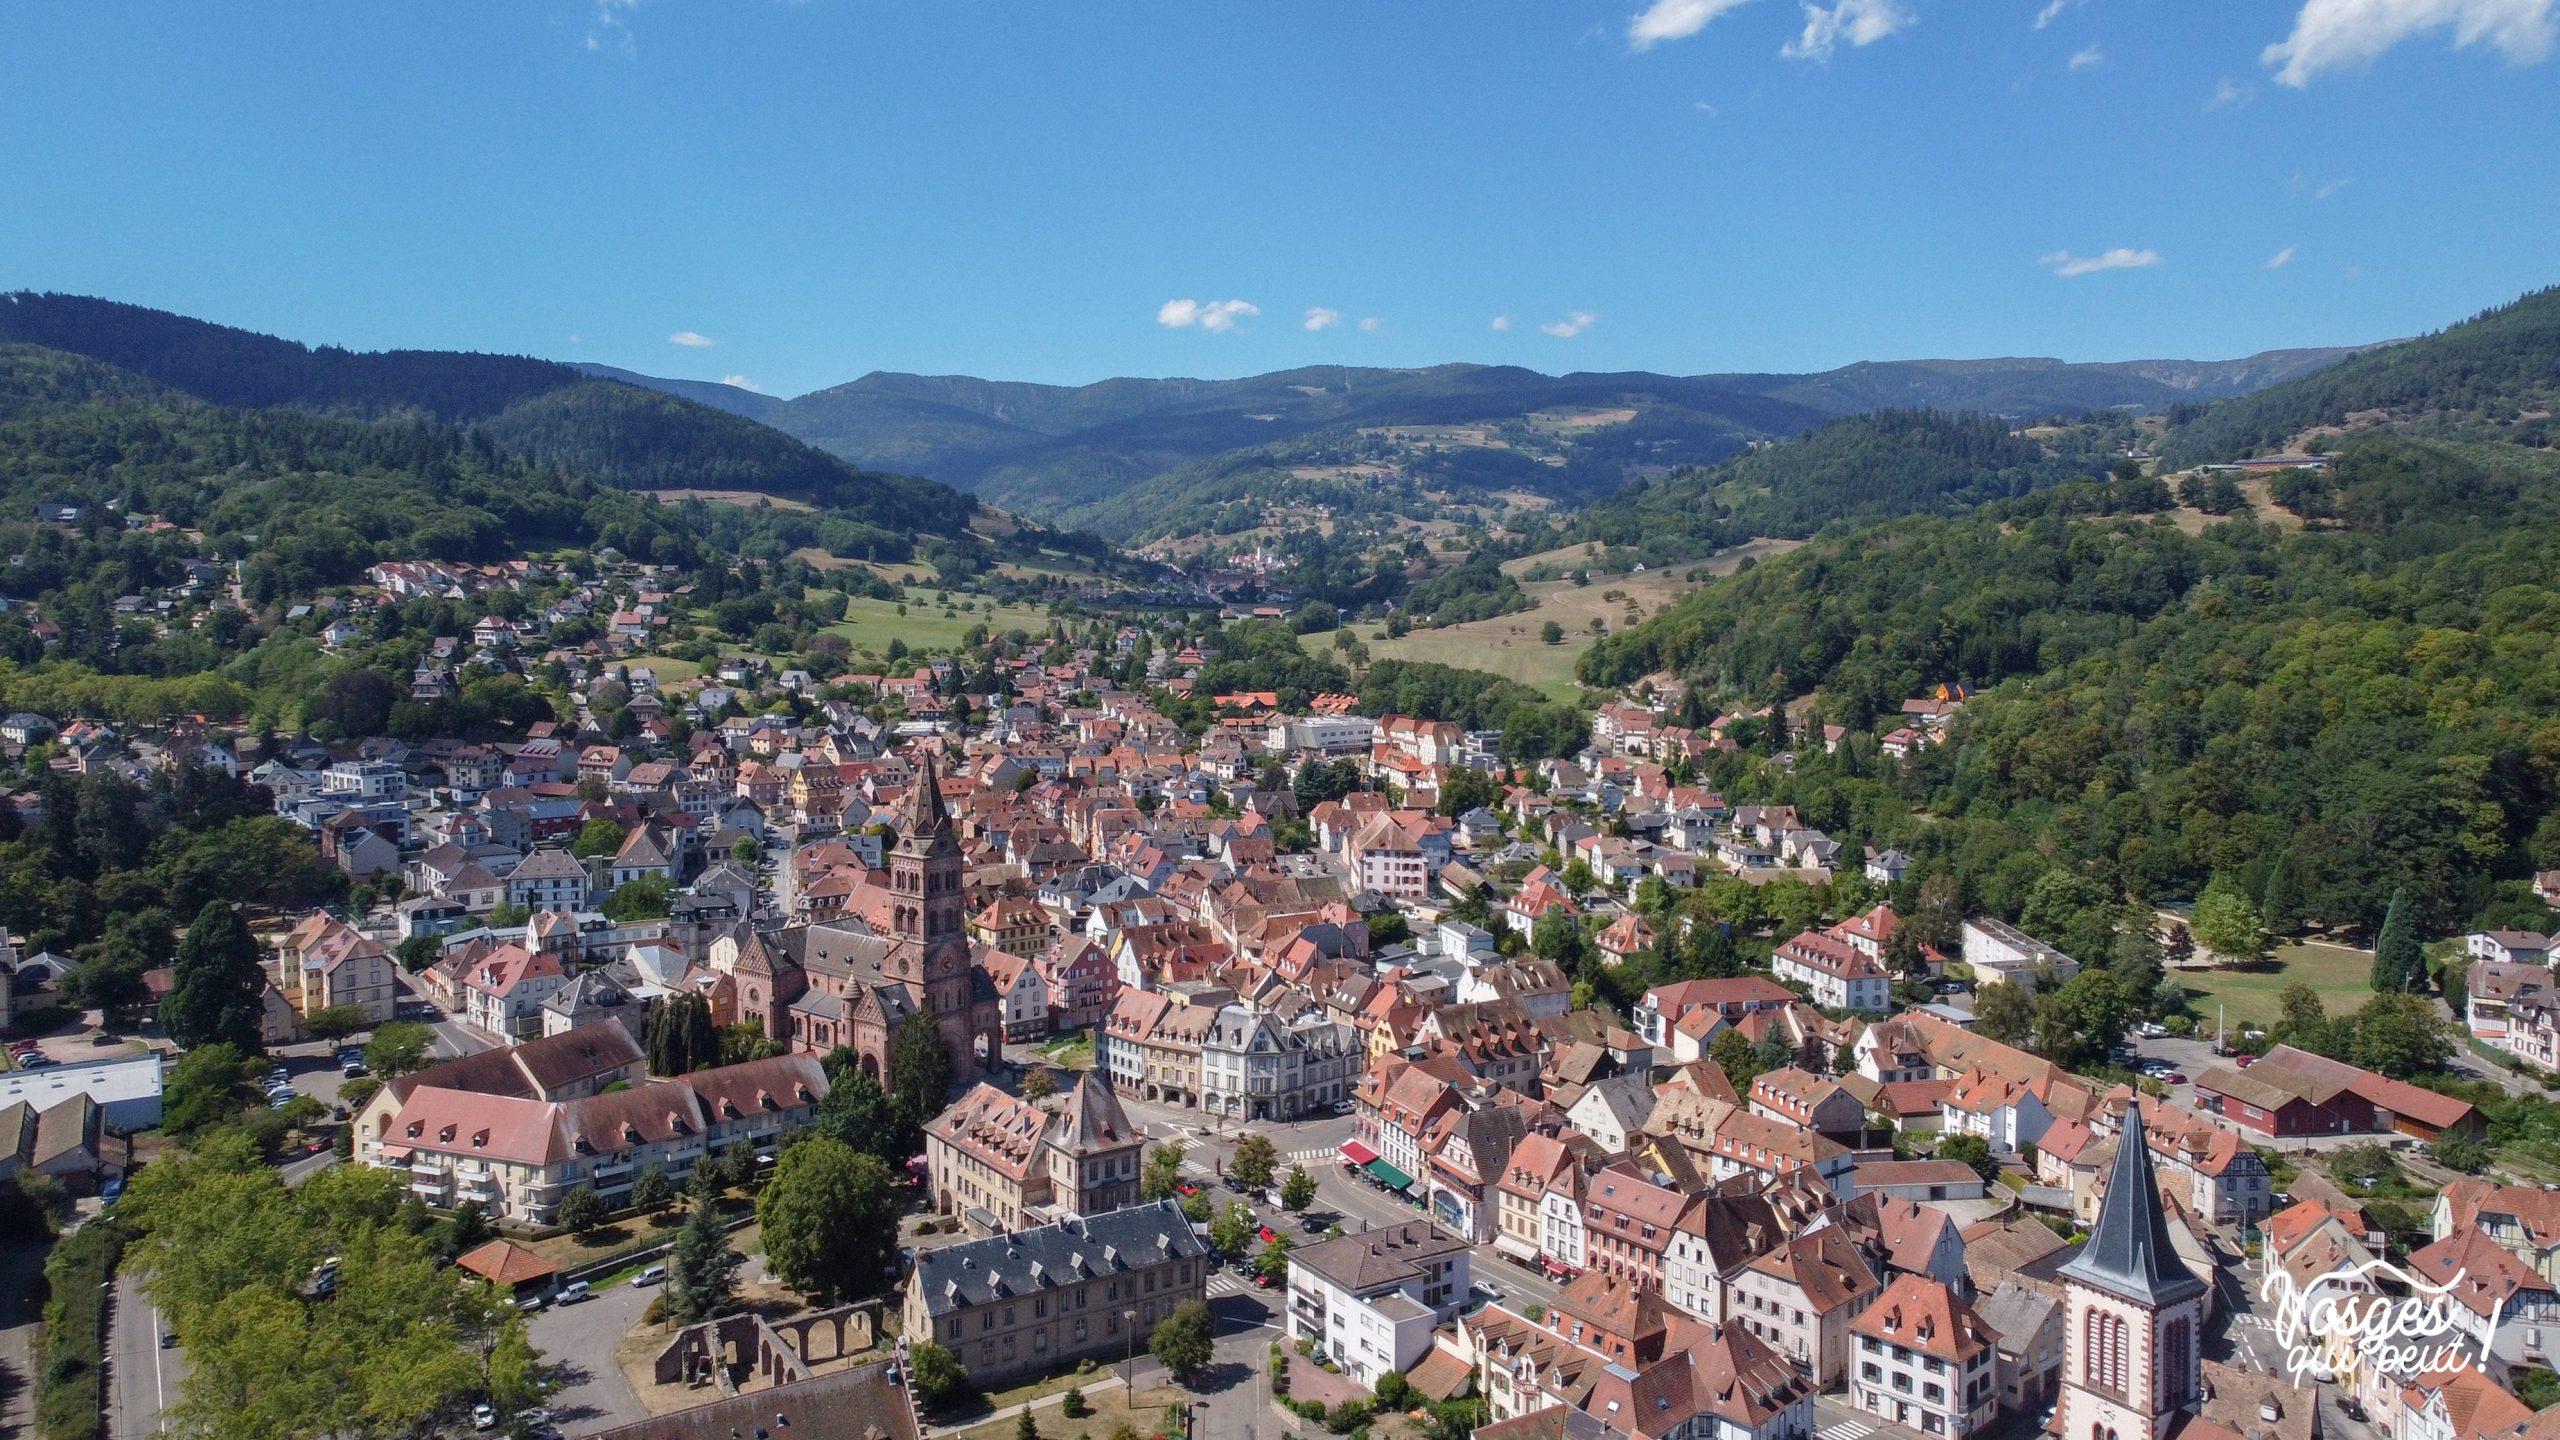 Vue aérienne de Munster en Alsace